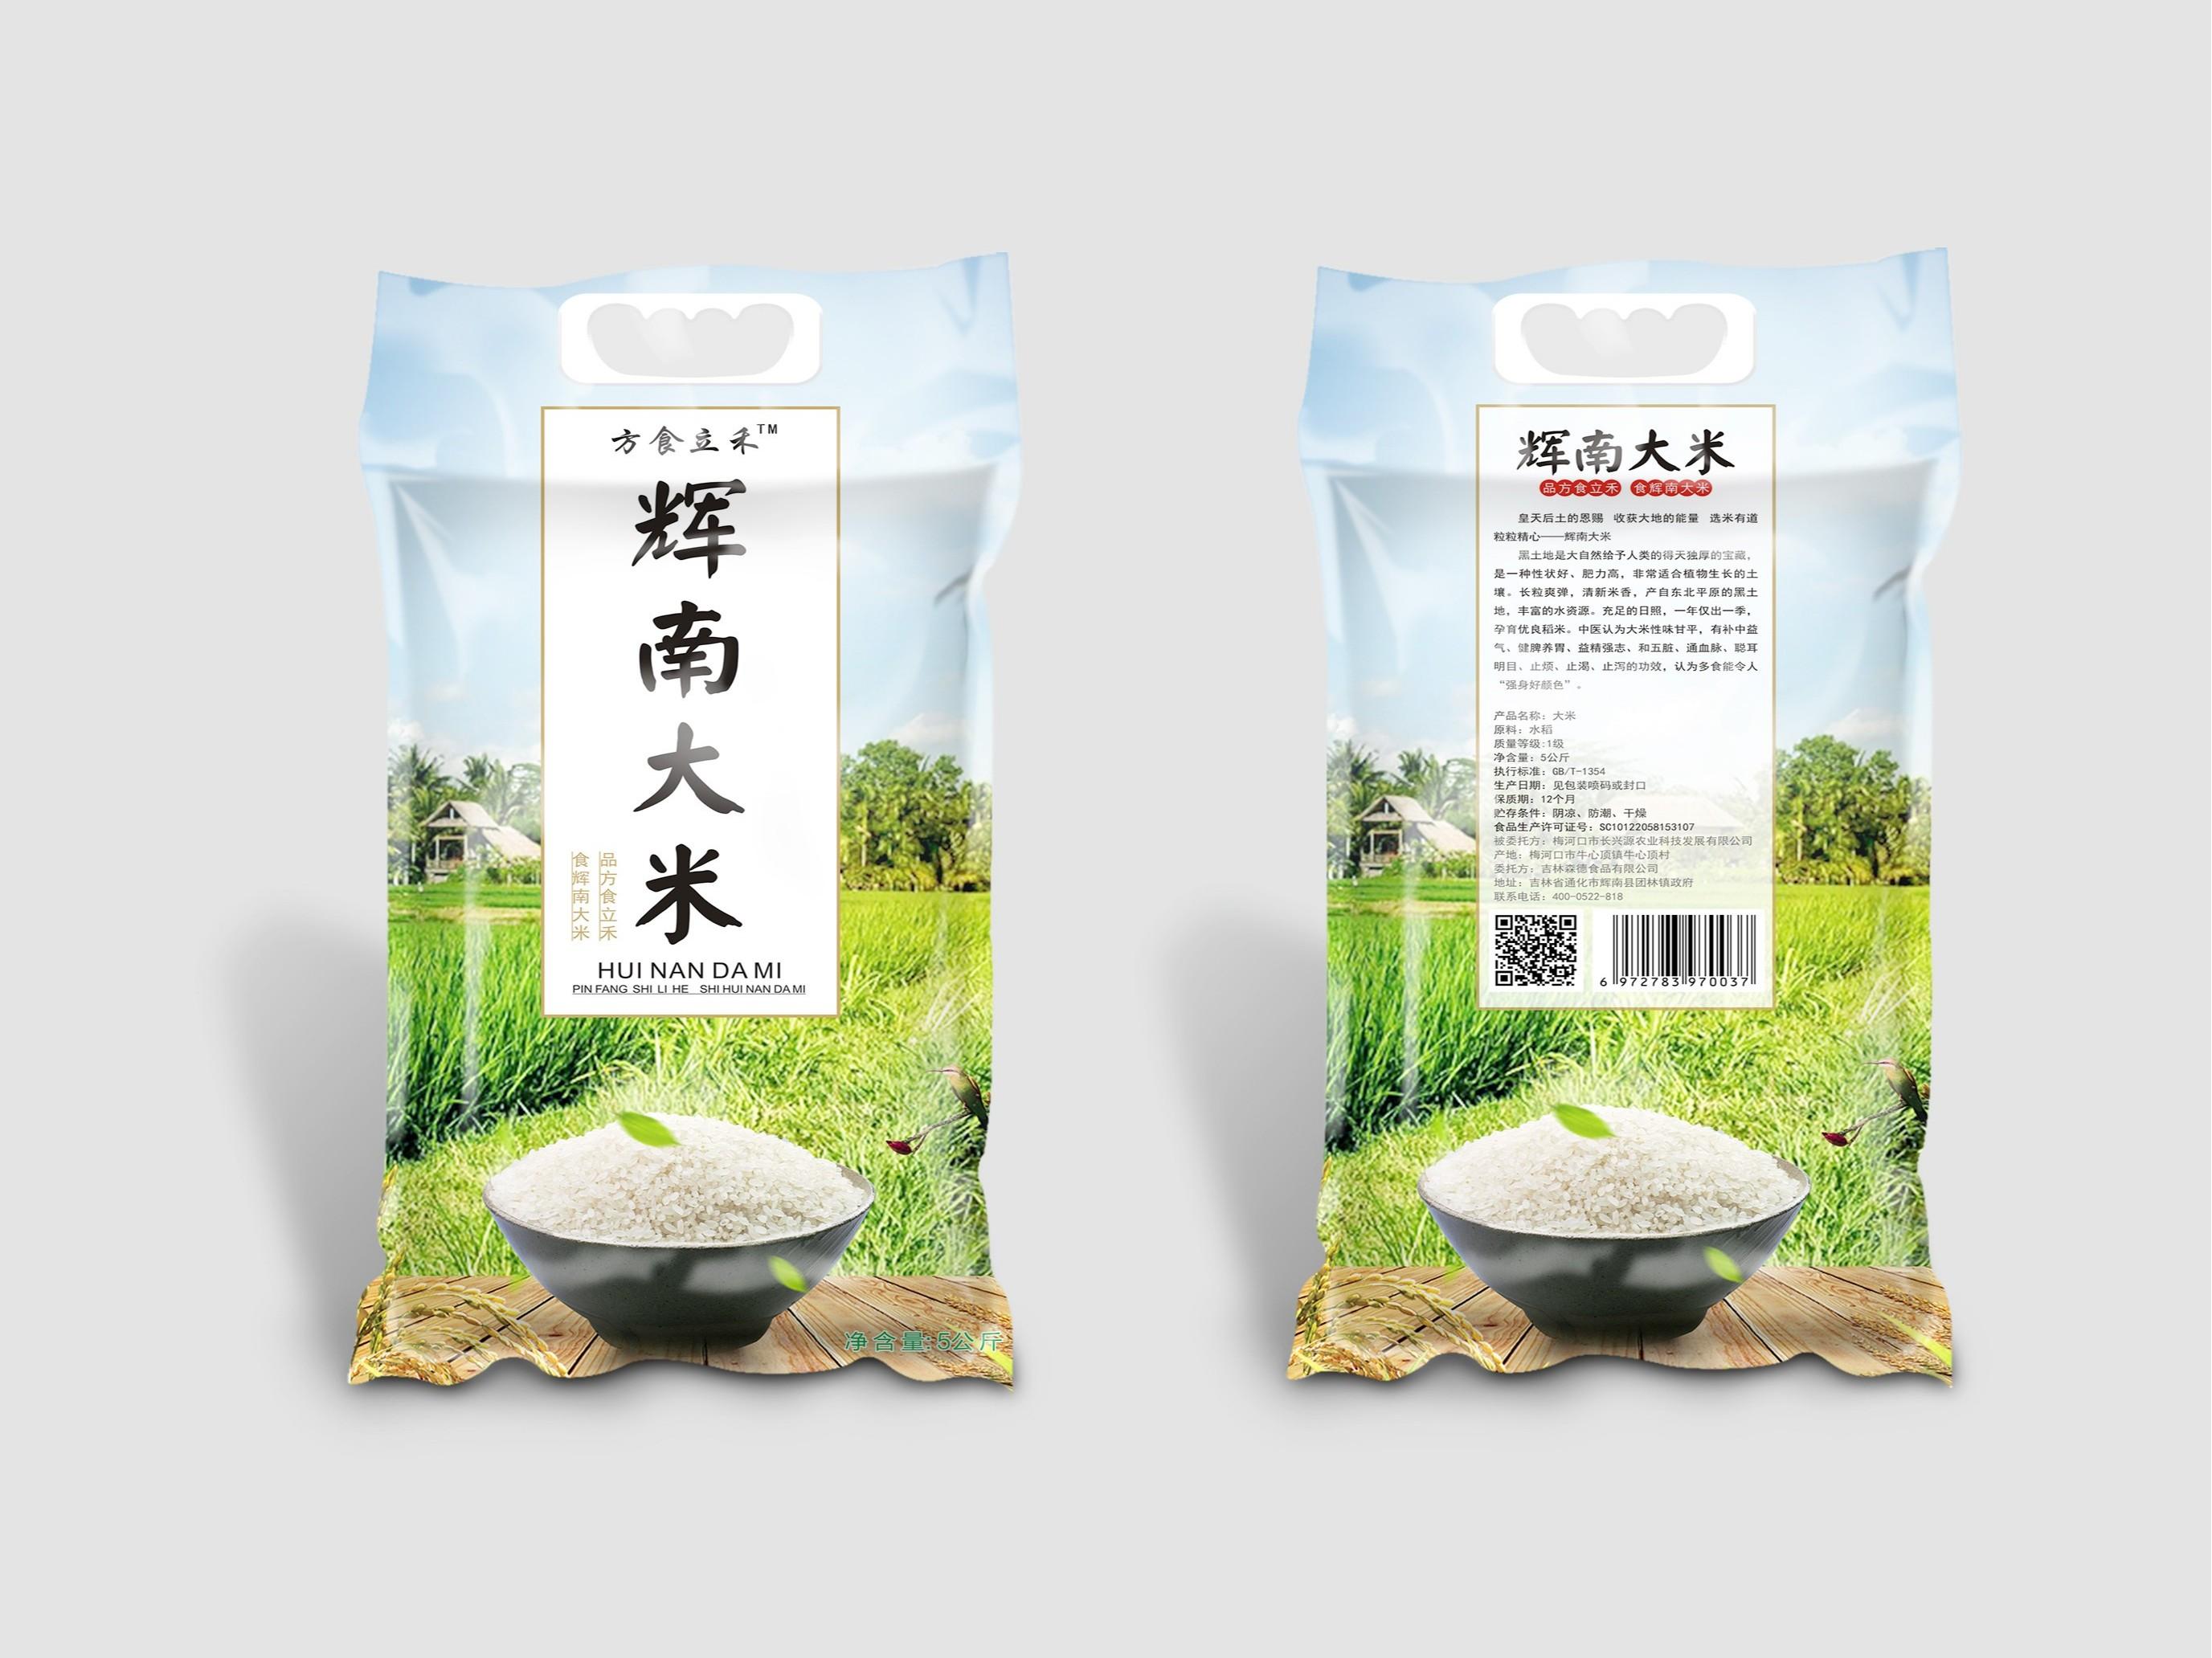 辉南大米袋-食品包装定制